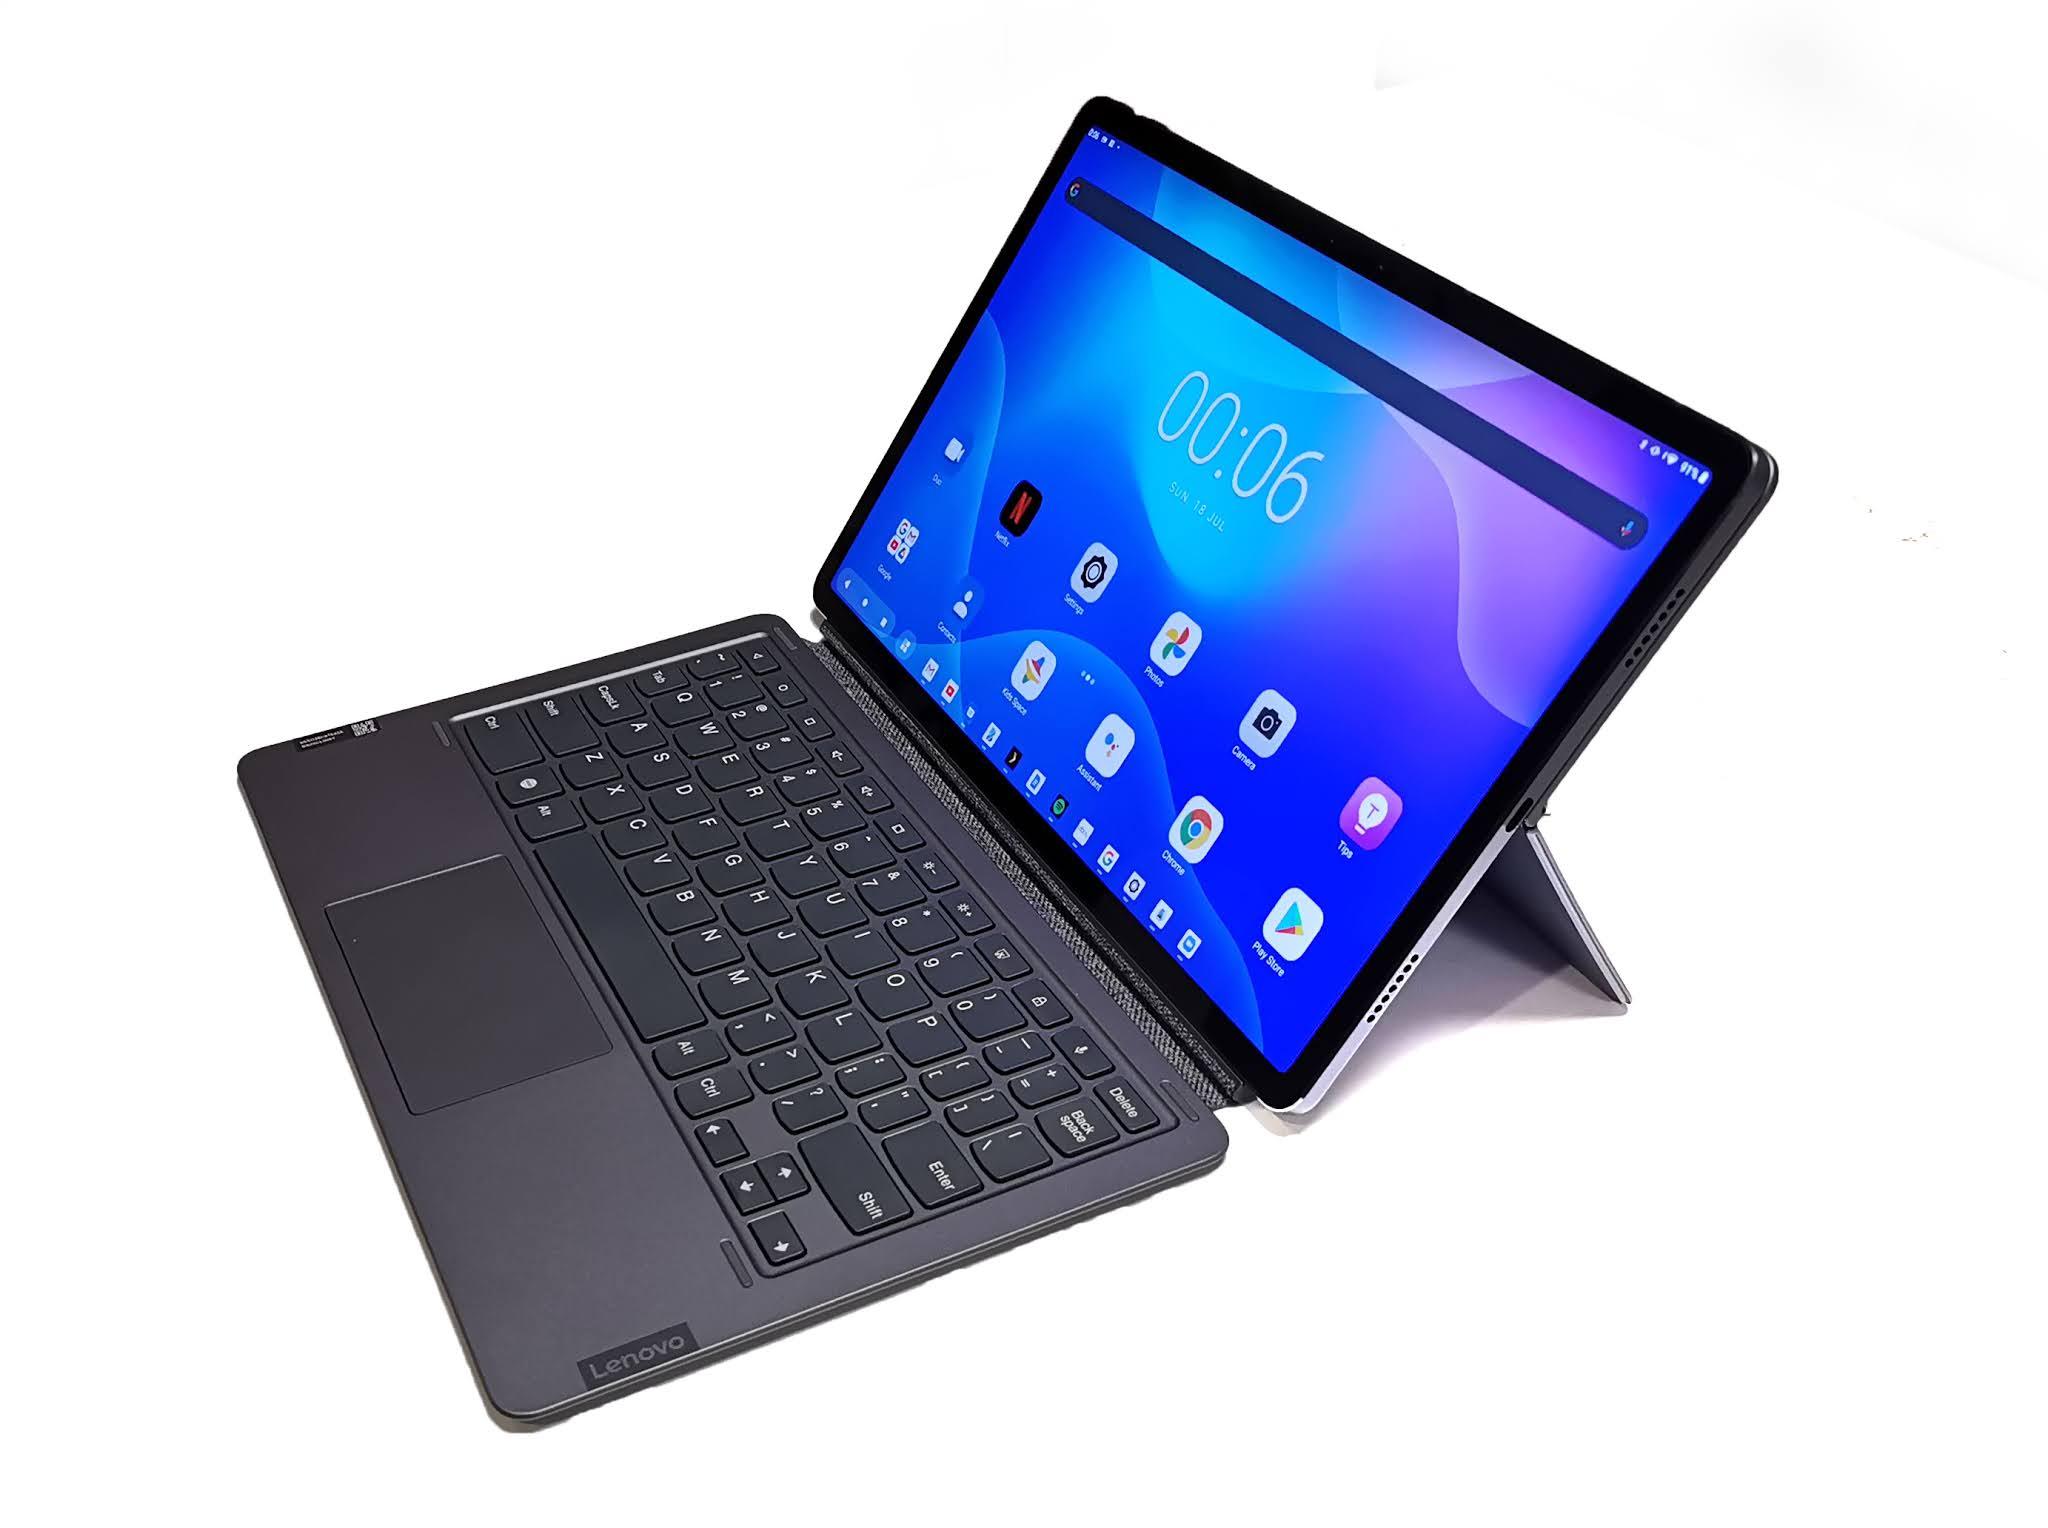 כזה ניסיתי: Lenovo Tab P11 Pro